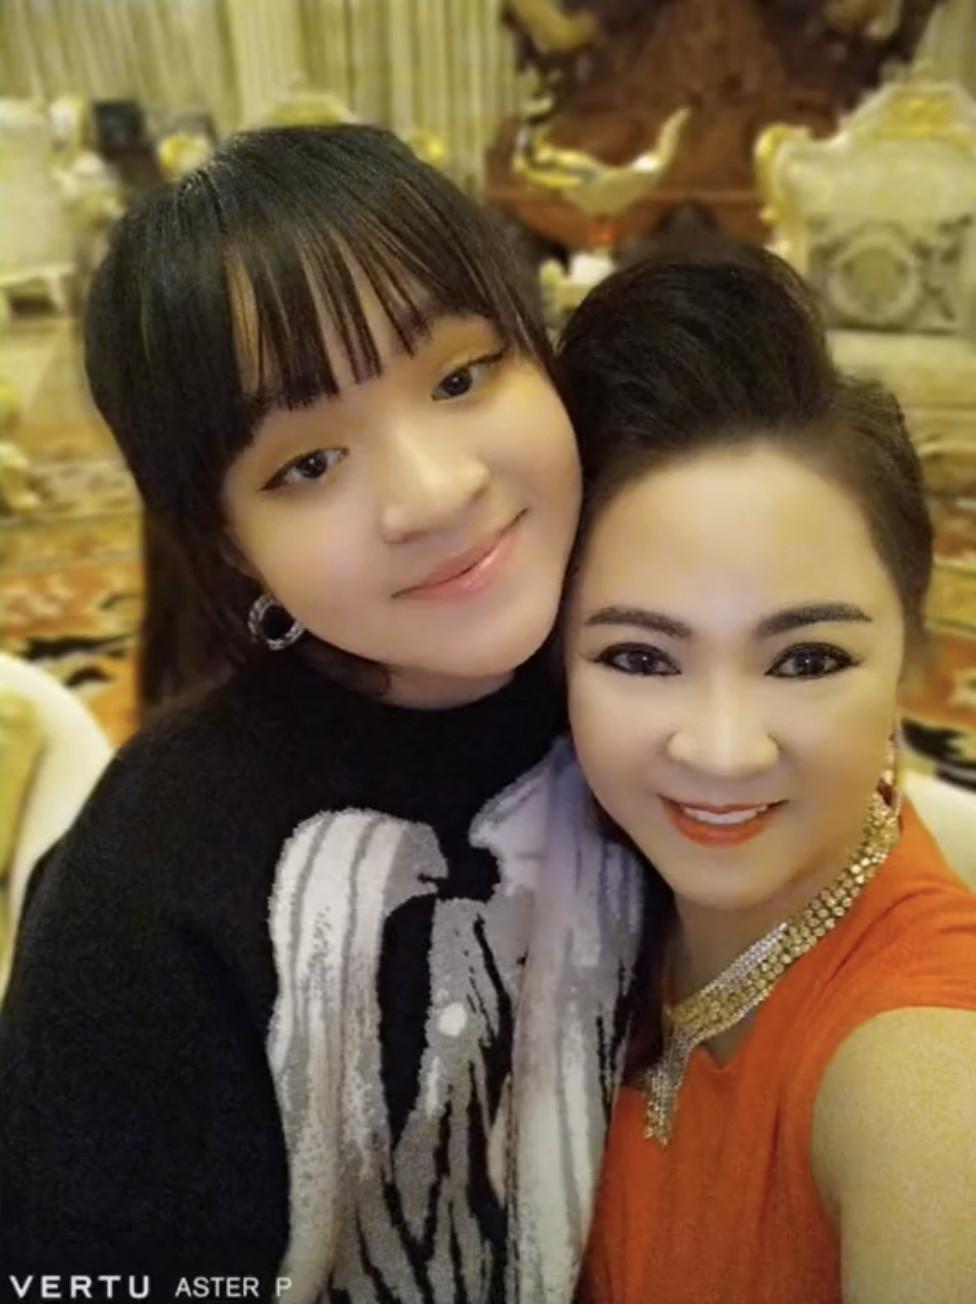 Nhan sắc tuổi 15 của ái nữ bà trùm khu du lịch Đại Nam: Lột xác nhờ giảm cân, khí chất cô chủ ngút trời! - Ảnh 5.